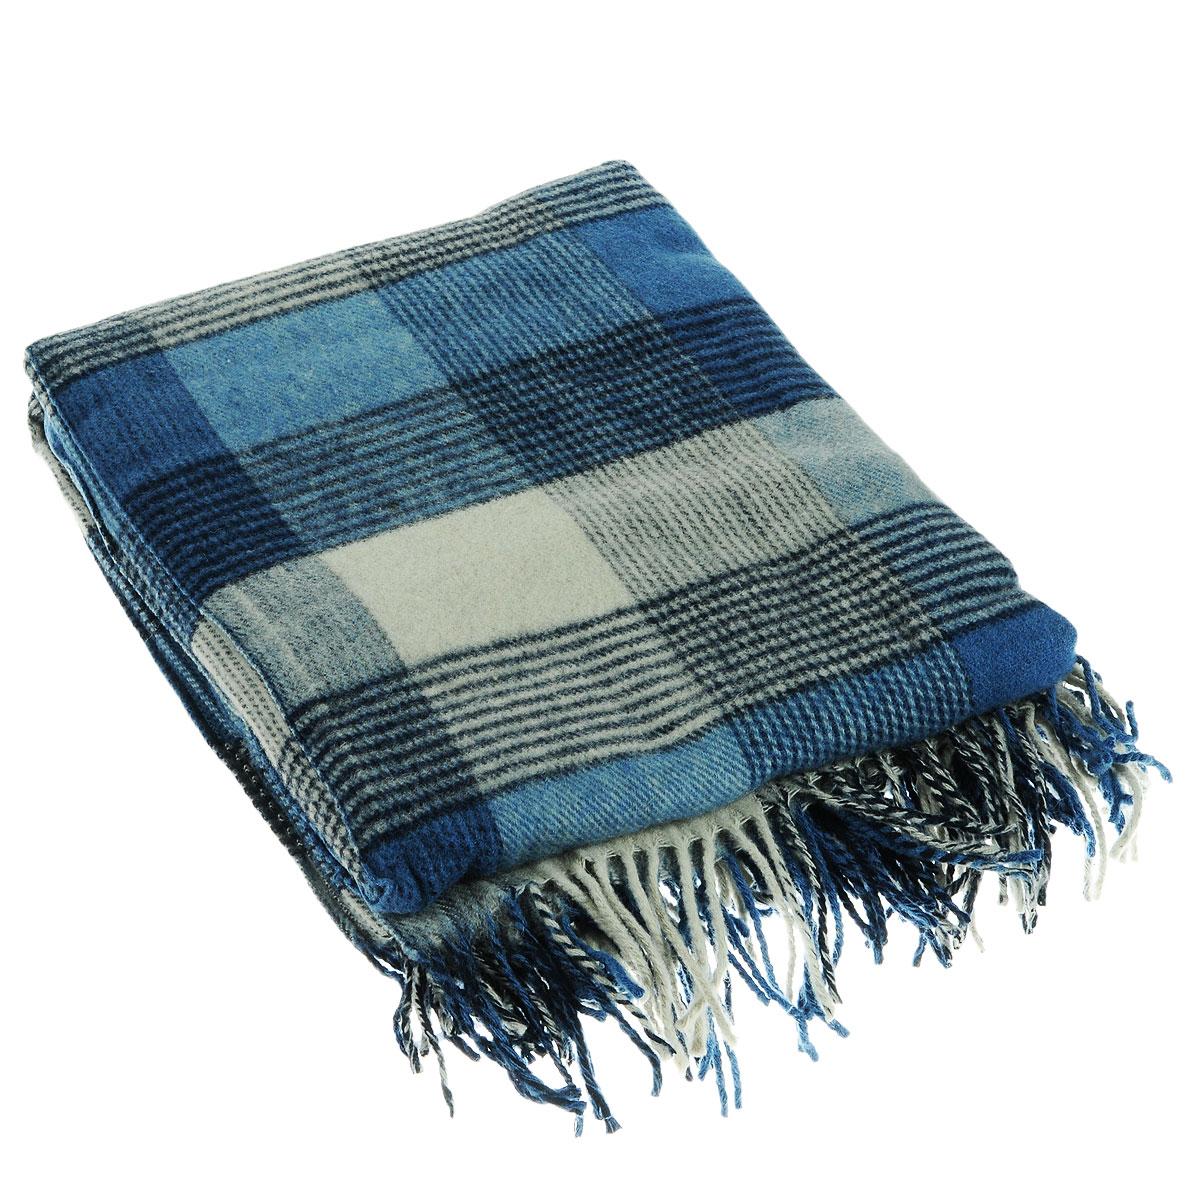 Плед Alpaca Wool Северный бриз, цвет: синий, 140 х 200 смПА-140-2001Приятный плед Северный бриз, выполненный из натуральной шерсти альпаки, добавит комнате уюта и согреет в прохладные дни. Удобный размер этого очаровательного пледа позволит использовать его и как одеяло, и как покрывало для кресла или софы. Такое теплое украшение может стать отличным подарком друзьям и близким! Изделия из шерсти альпаки обладают непревзойденным качеством. Во всем мире их относят к самым дорогим товарам. Для изготовления пледов шерсть альпаки смешивают с лучшей мериносовой (овечьей) шерстью. На изделиях из шерсти альпаки практически не образуются катышки, так как длинные волокна препятствуют сваливанию.